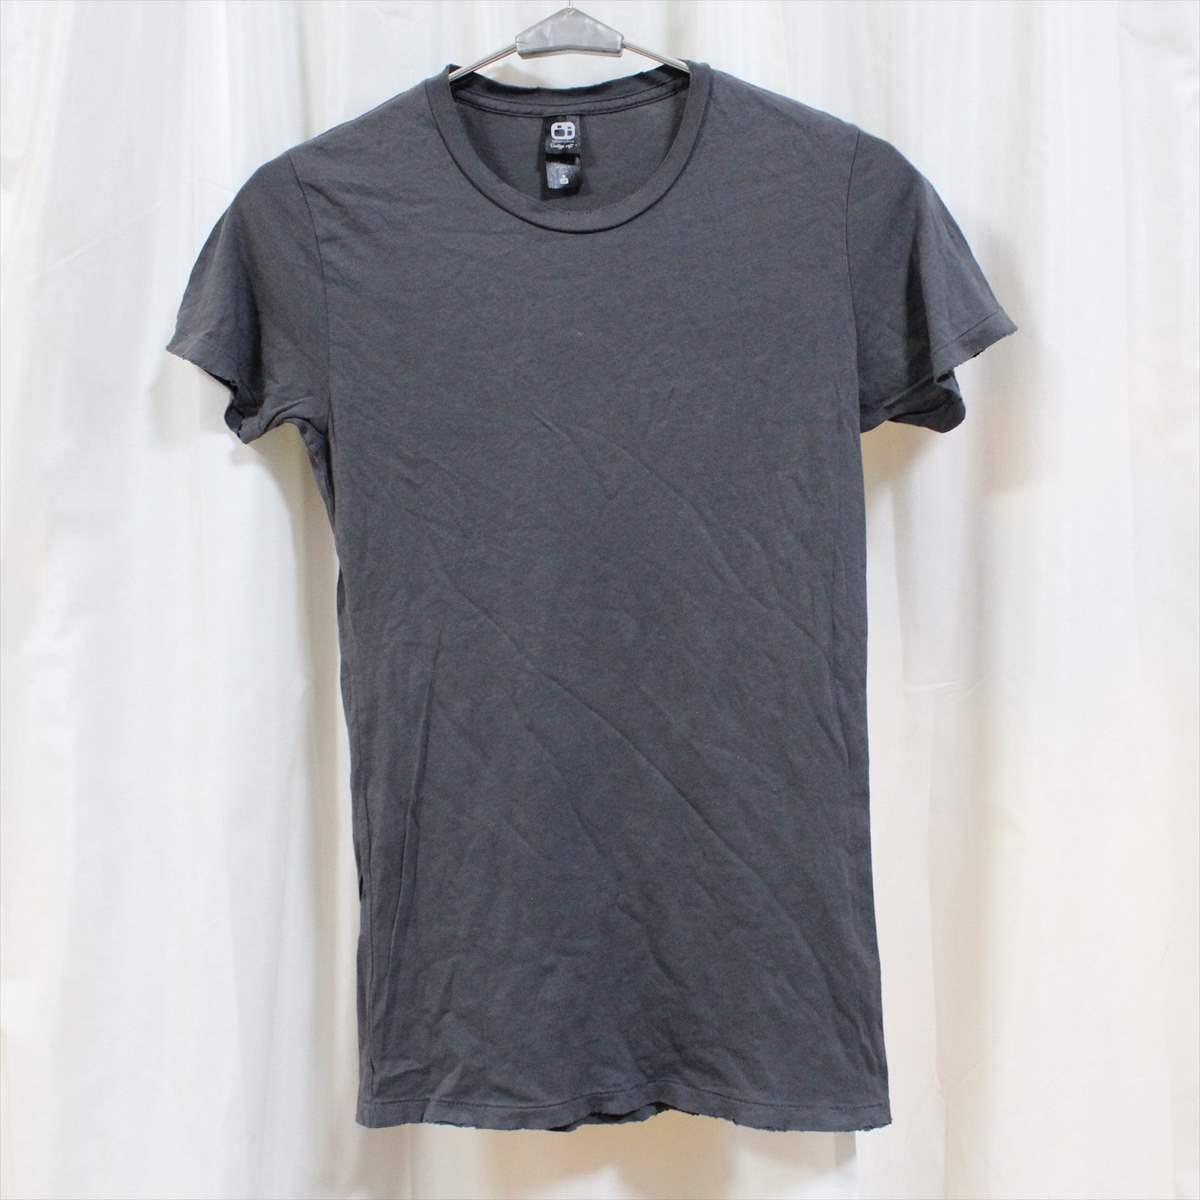 オルタナティブ アパレル alternative apparel レディース半袖Tシャツ チャコール Sサイズ 新品 vintage soft アメリカ製_画像1